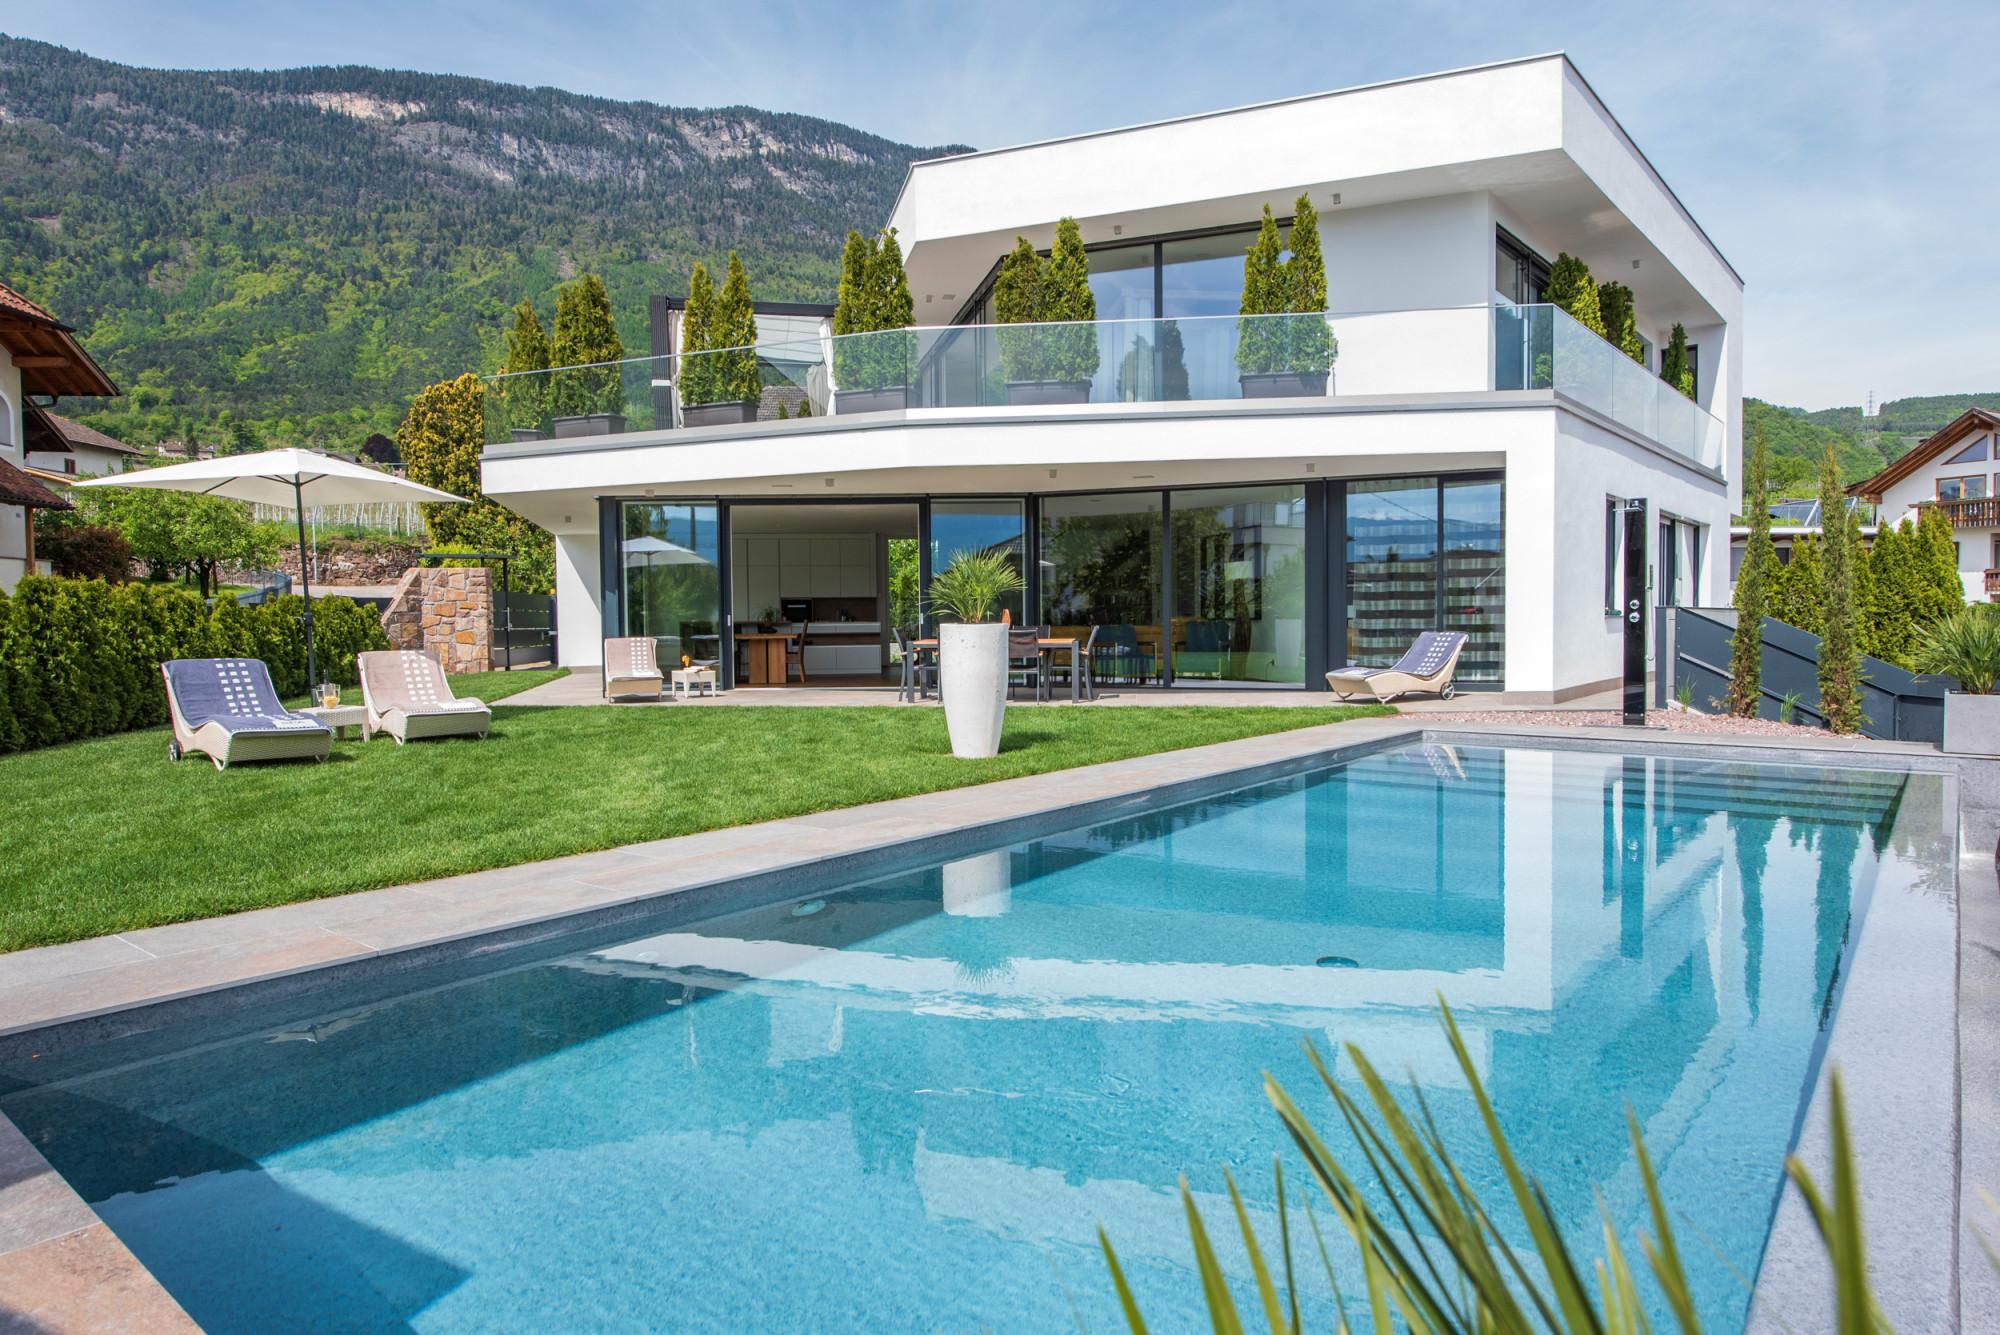 Design Ferienhaus In Sudtirol Bozen Luxusvilla Aich Mit